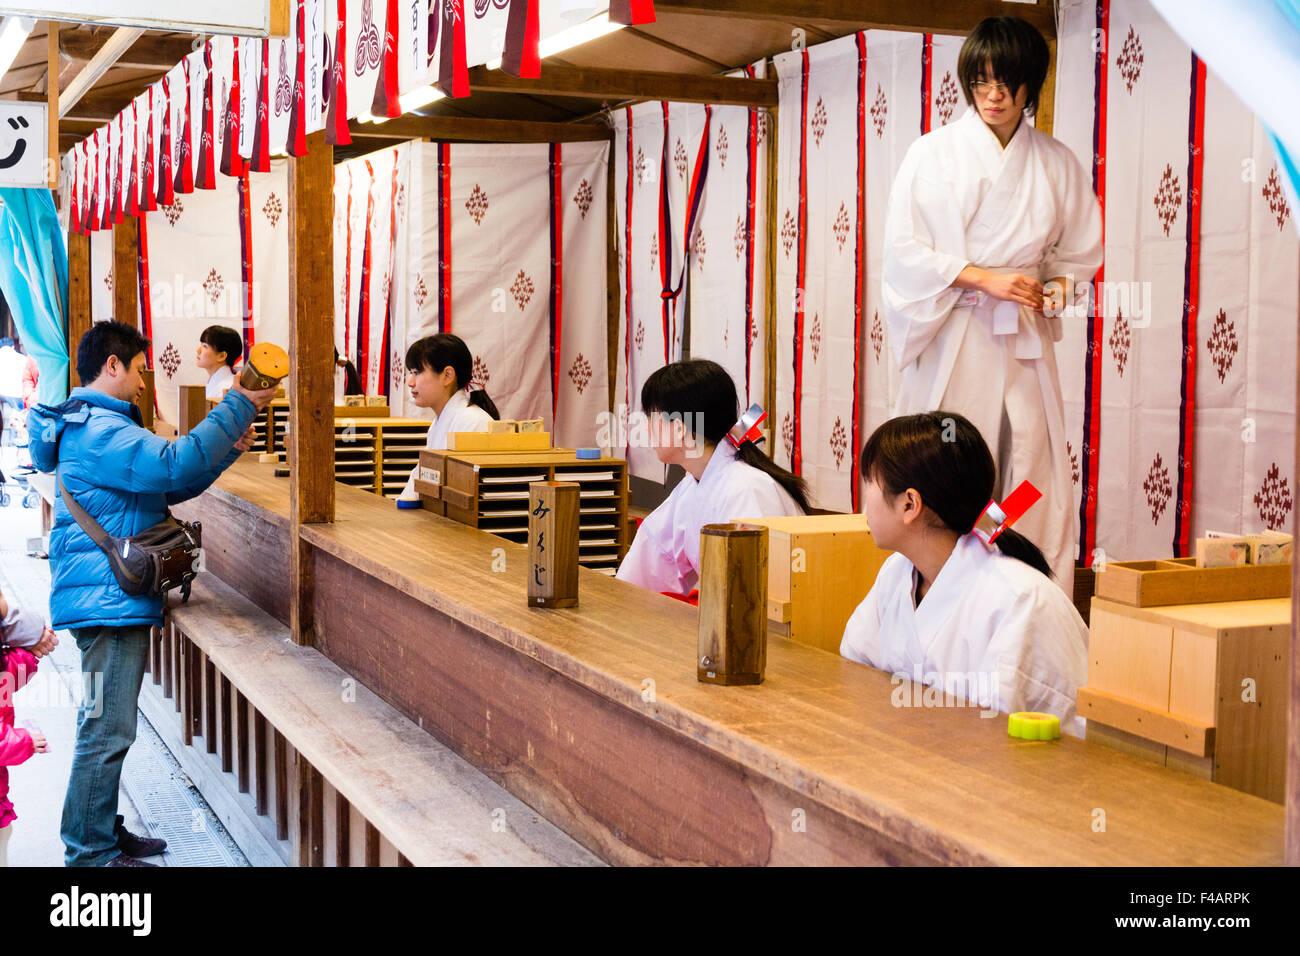 Japan, Nishinomiya shrine, New year Day, Shogatsu. Woman buying omikuji fortune papers from Miko, shrine maiden, - Stock Image